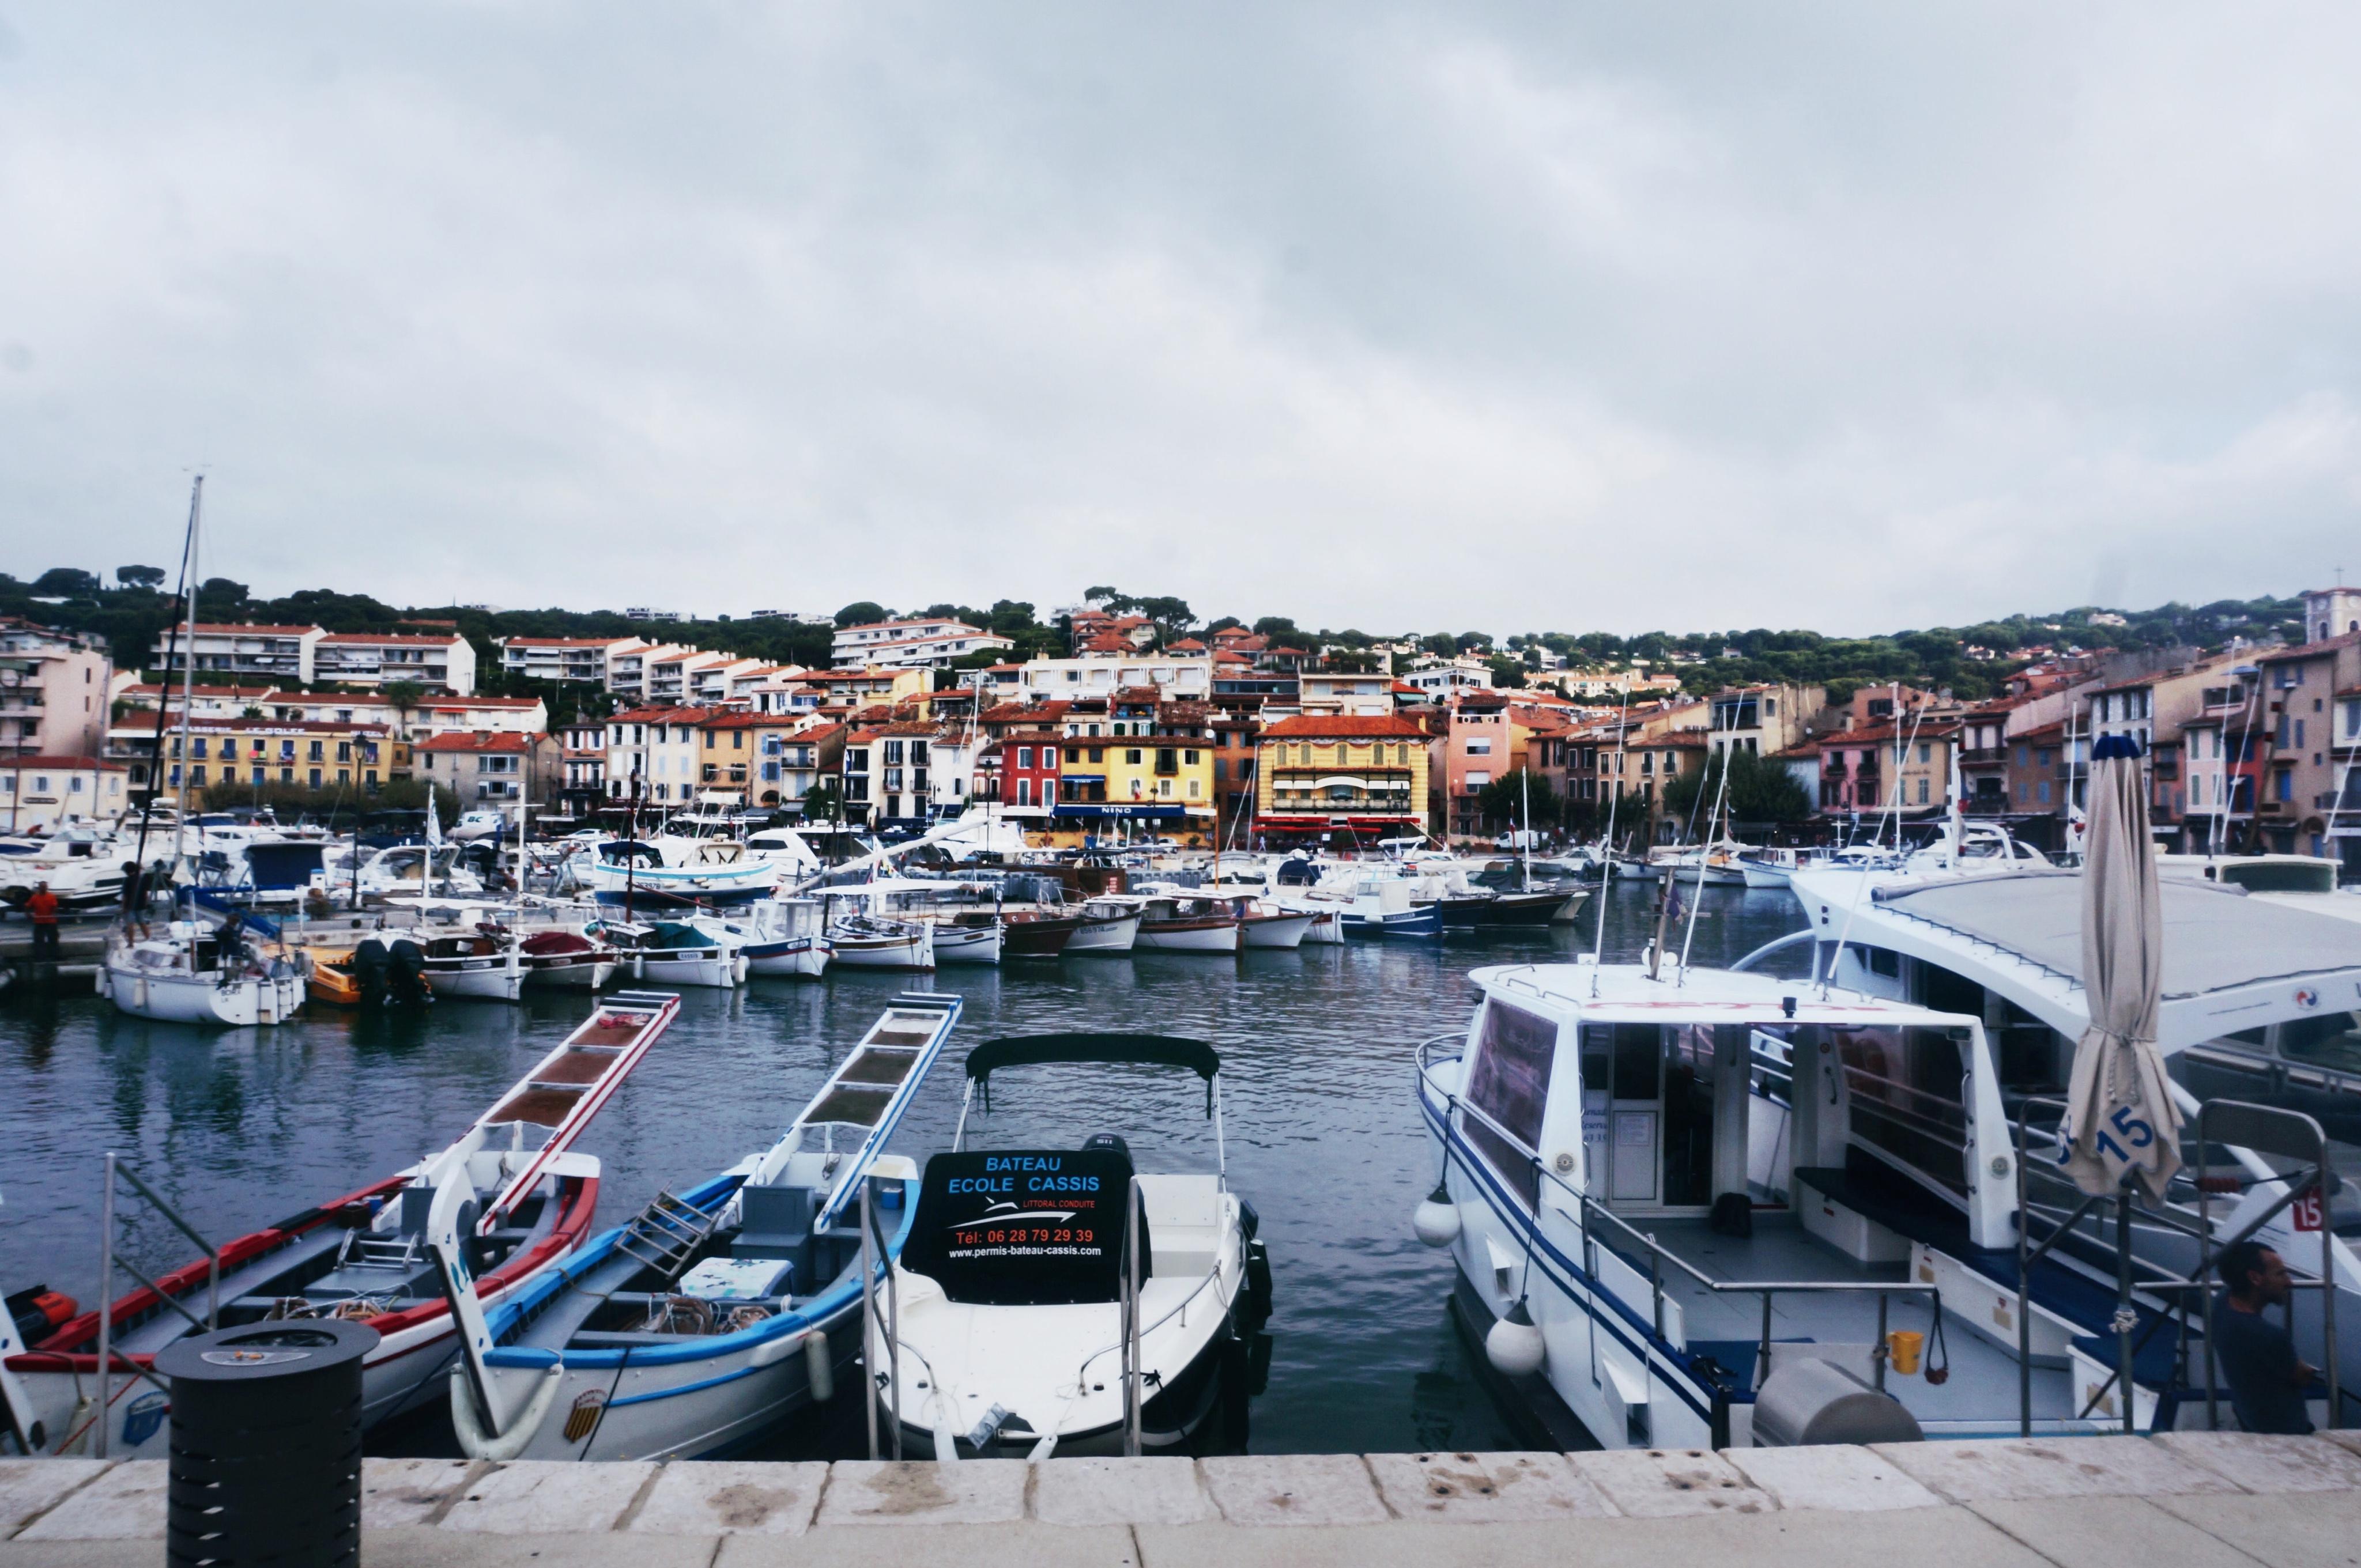 Côte d'Azur, Provence, Reiseziel, Cassis, schöne Orte in Frankreich, Sehenswürdigkeiten in Frankreich, Dörfer, Erkunden, Wohnmobilreise,